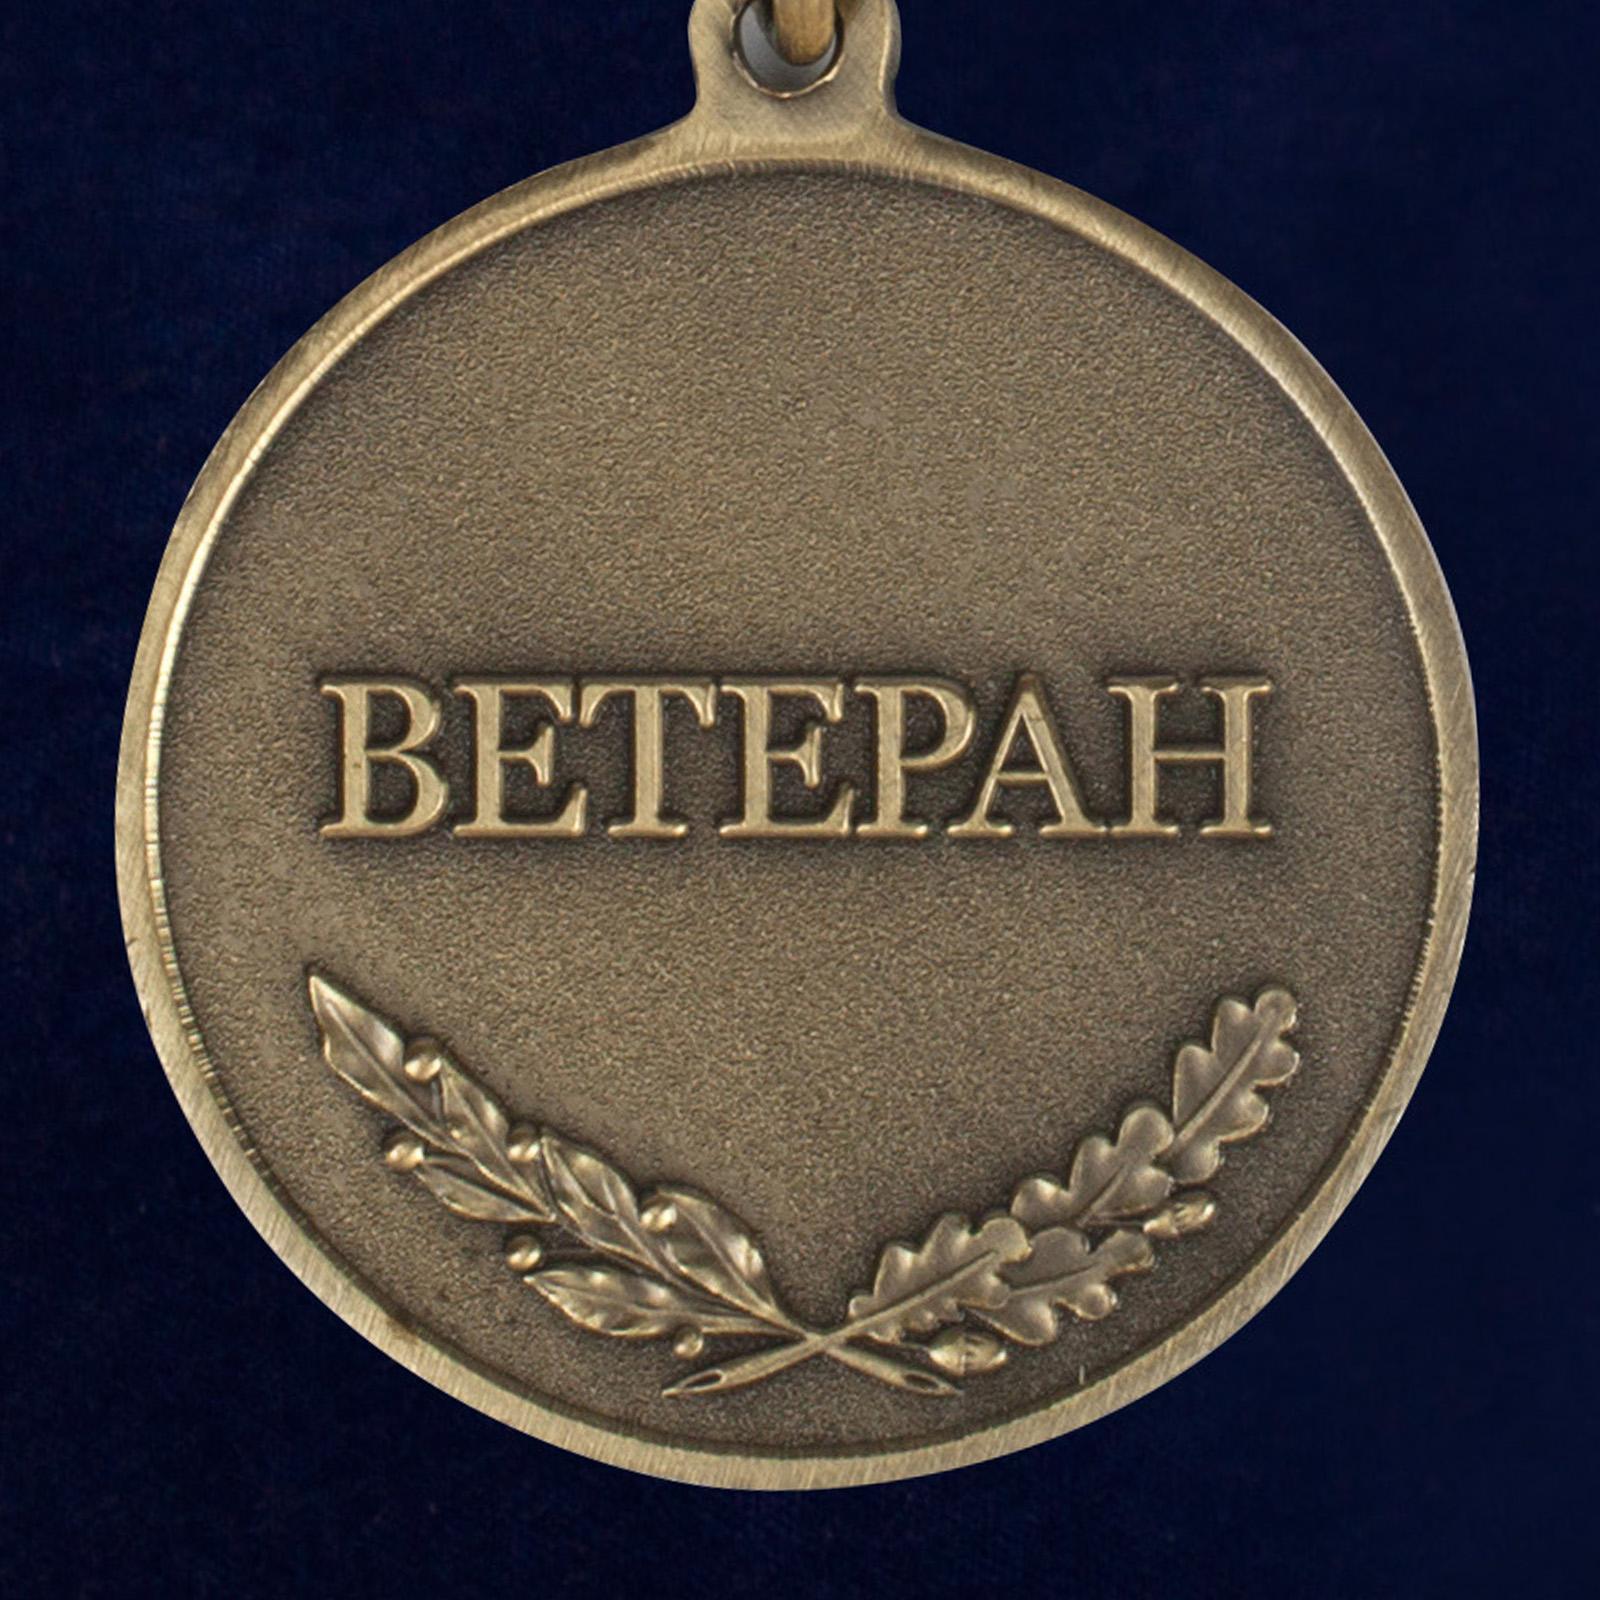 Медаль Ветеран Погранслужбы ФСБ РФ в футляре из флока с прозрачной крышкой - купить в подарок